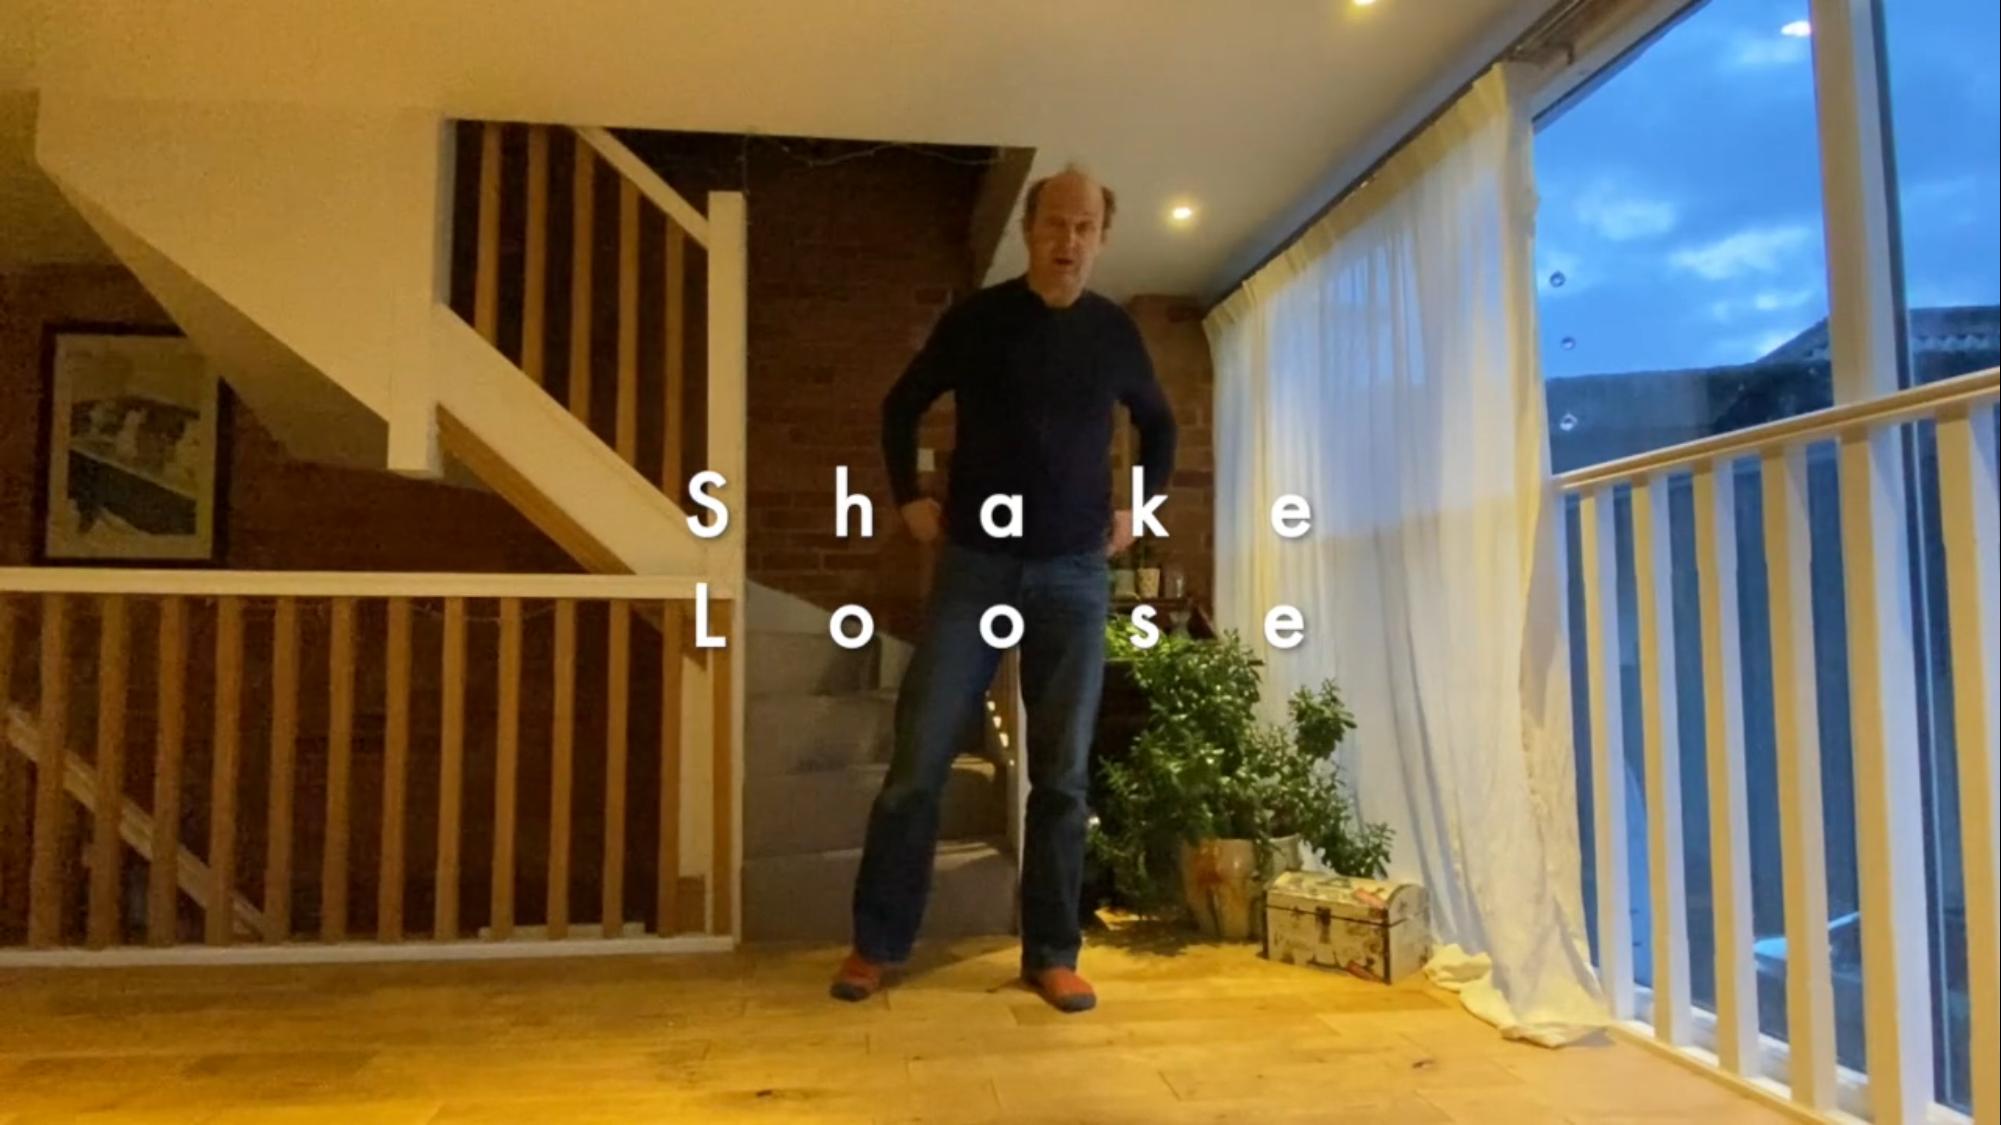 Shake Loose 2 mins